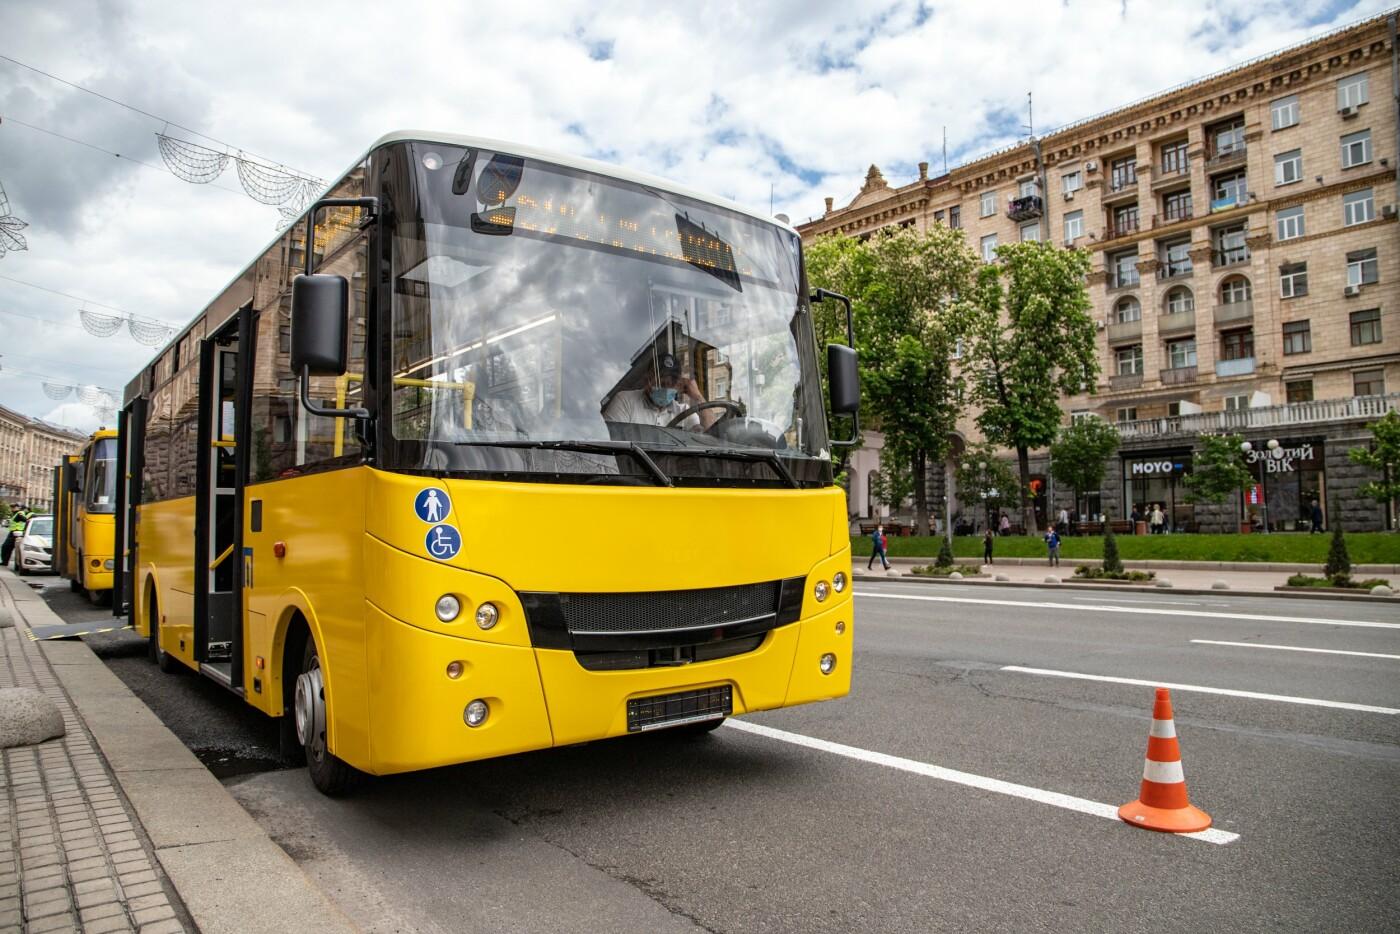 С водителями в форме и с местами для велосипедов: каким хотят сделать транспорт в Киеве., Фото КГГА